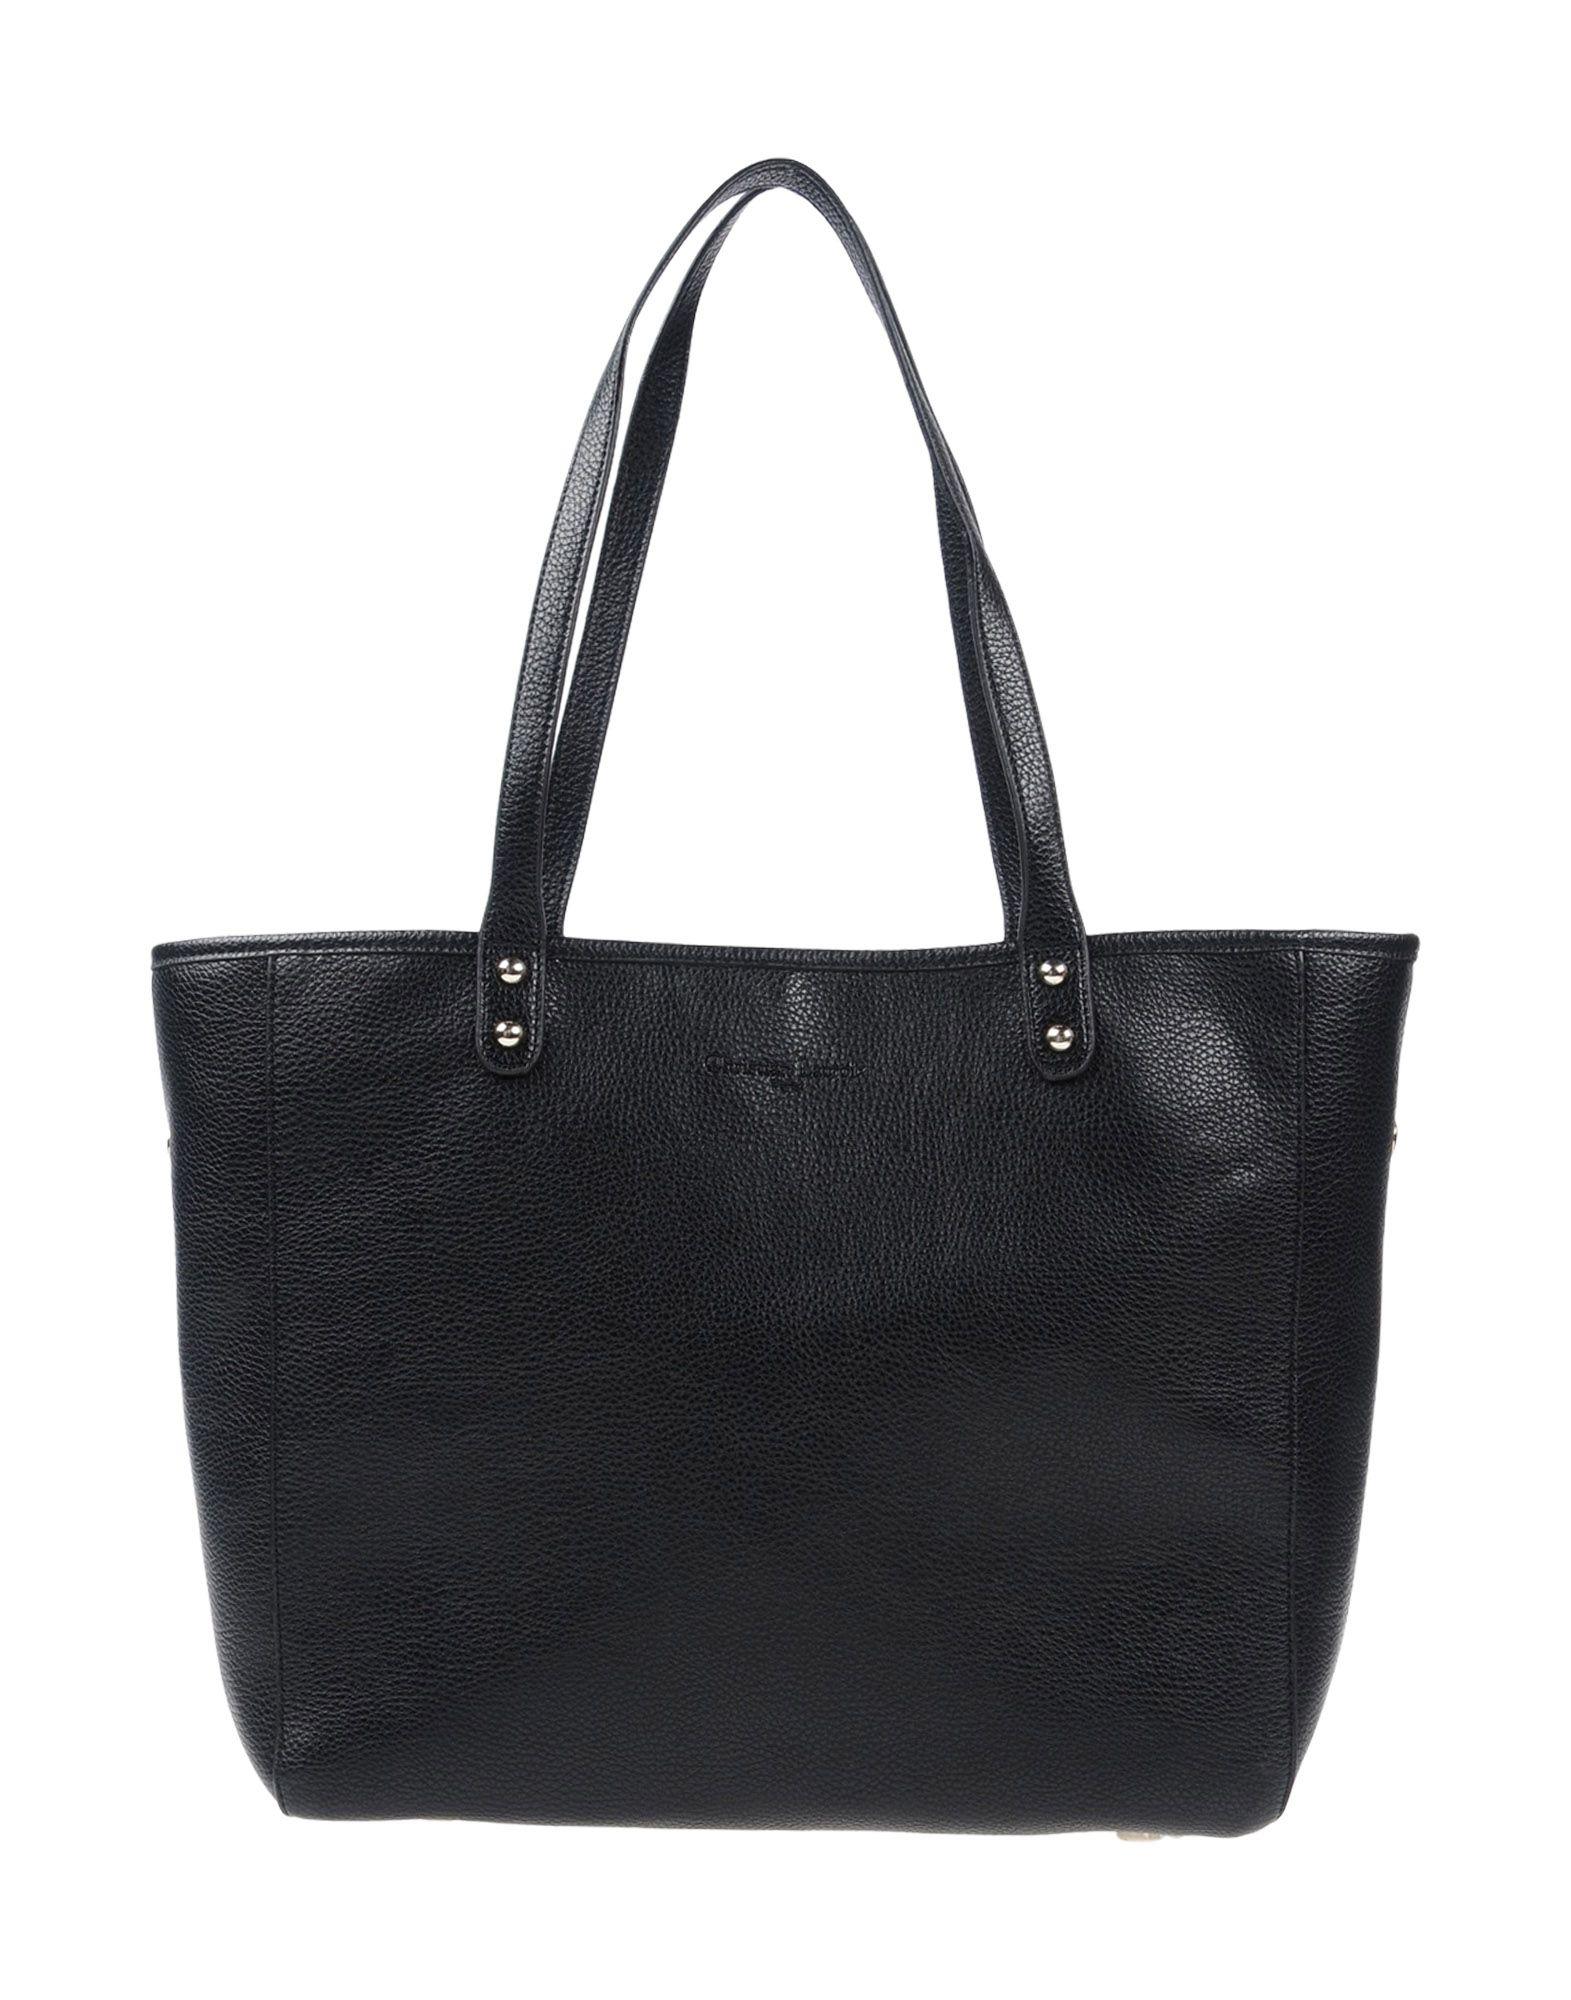 CHRISTIAN LACROIX Shoulder Bag in Black